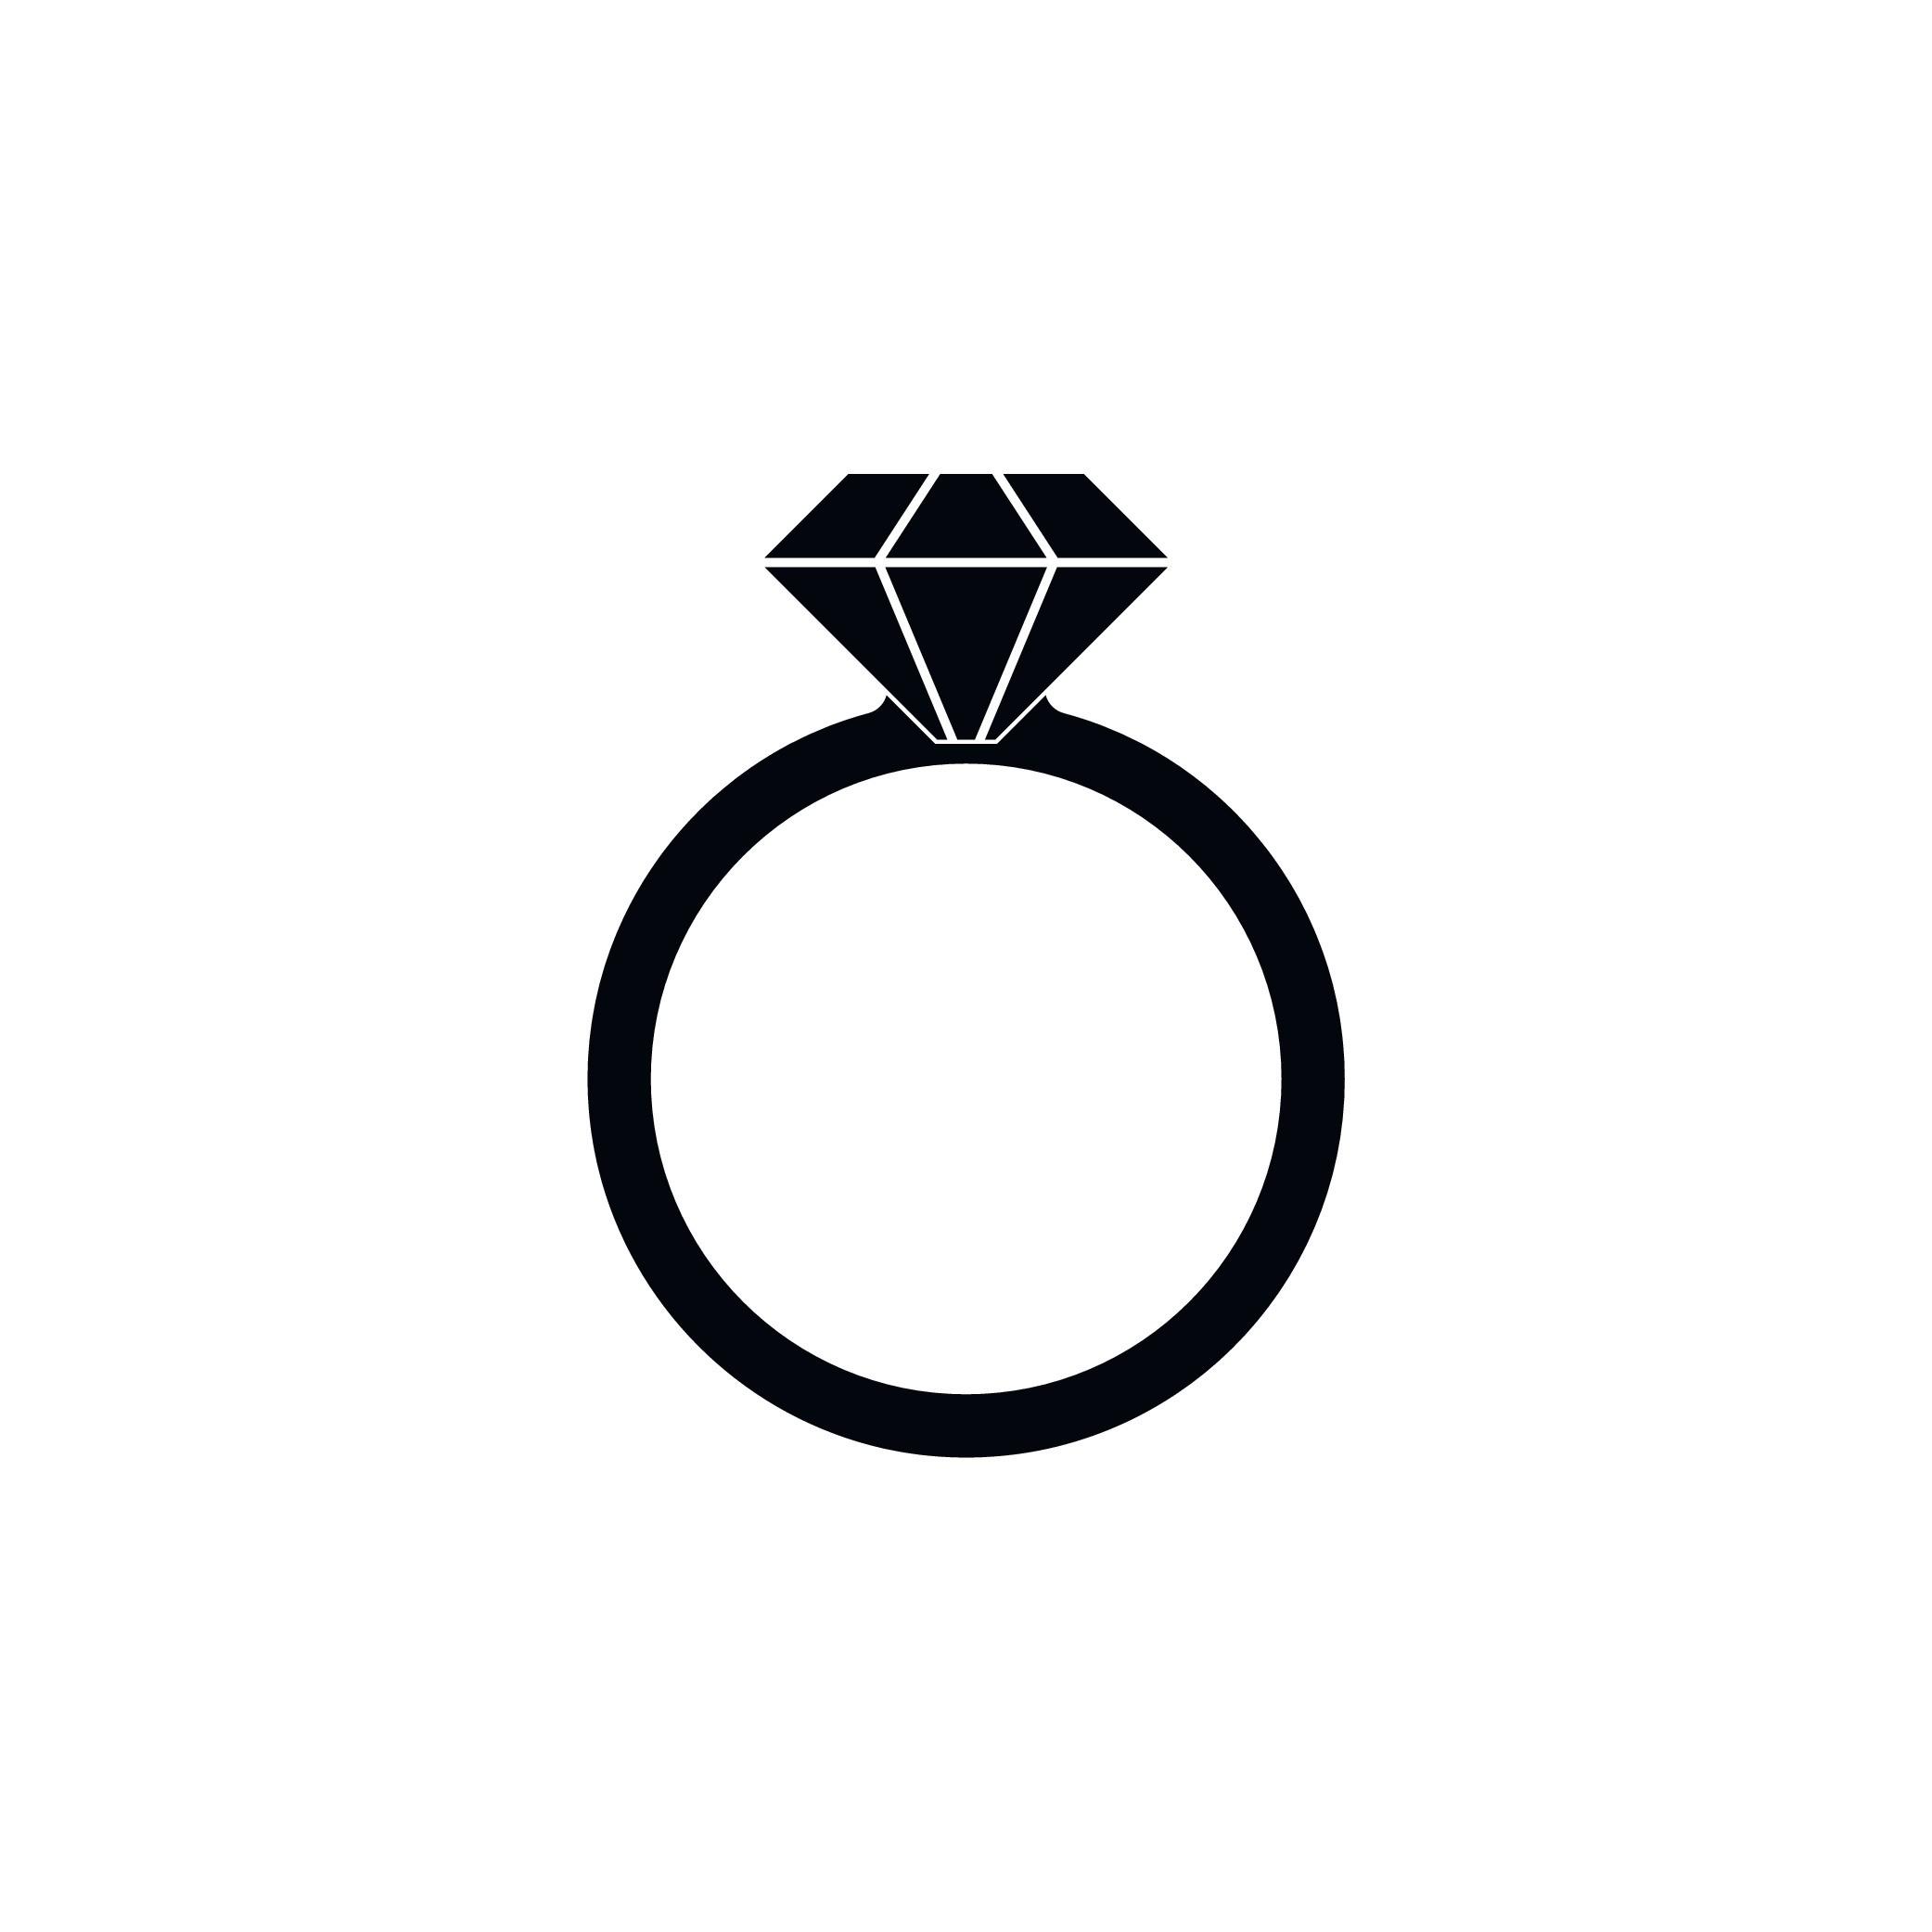 Tous nos bijoux sont des pièces uniques, sauf les cordons et chaines